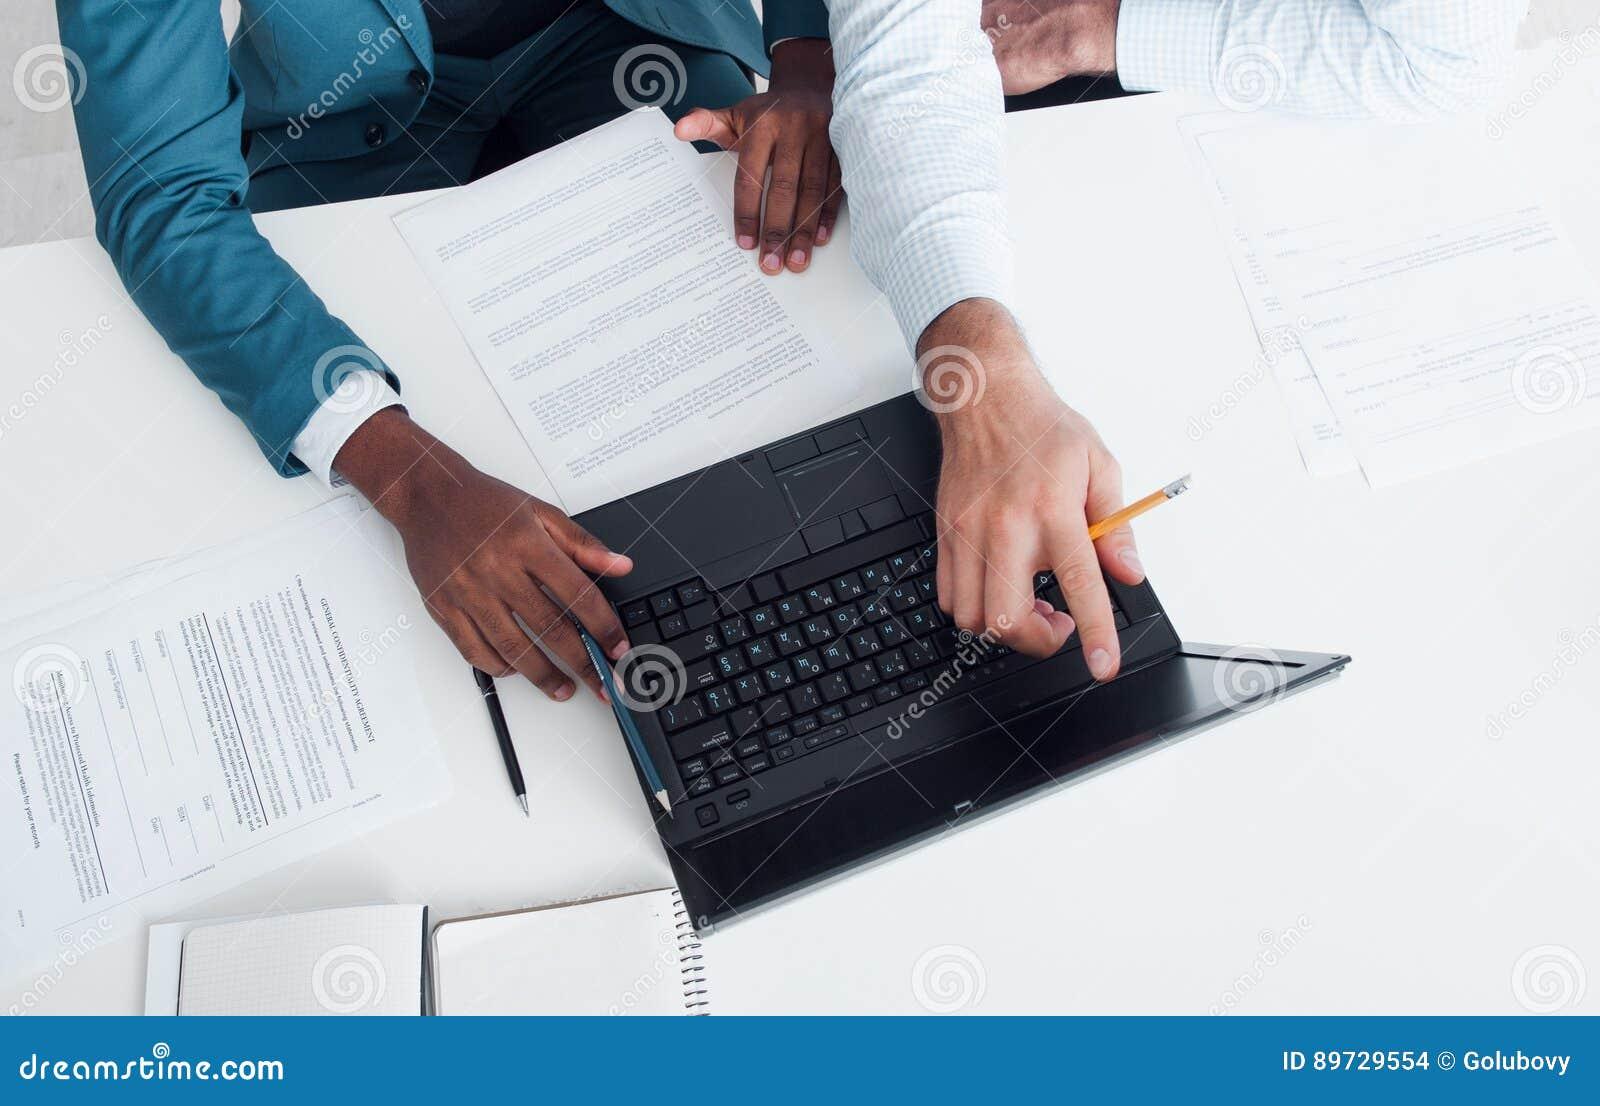 Schreiben Der Zusammenfassung Oder DES Lebenslauf-Rates Suchen Nach ...